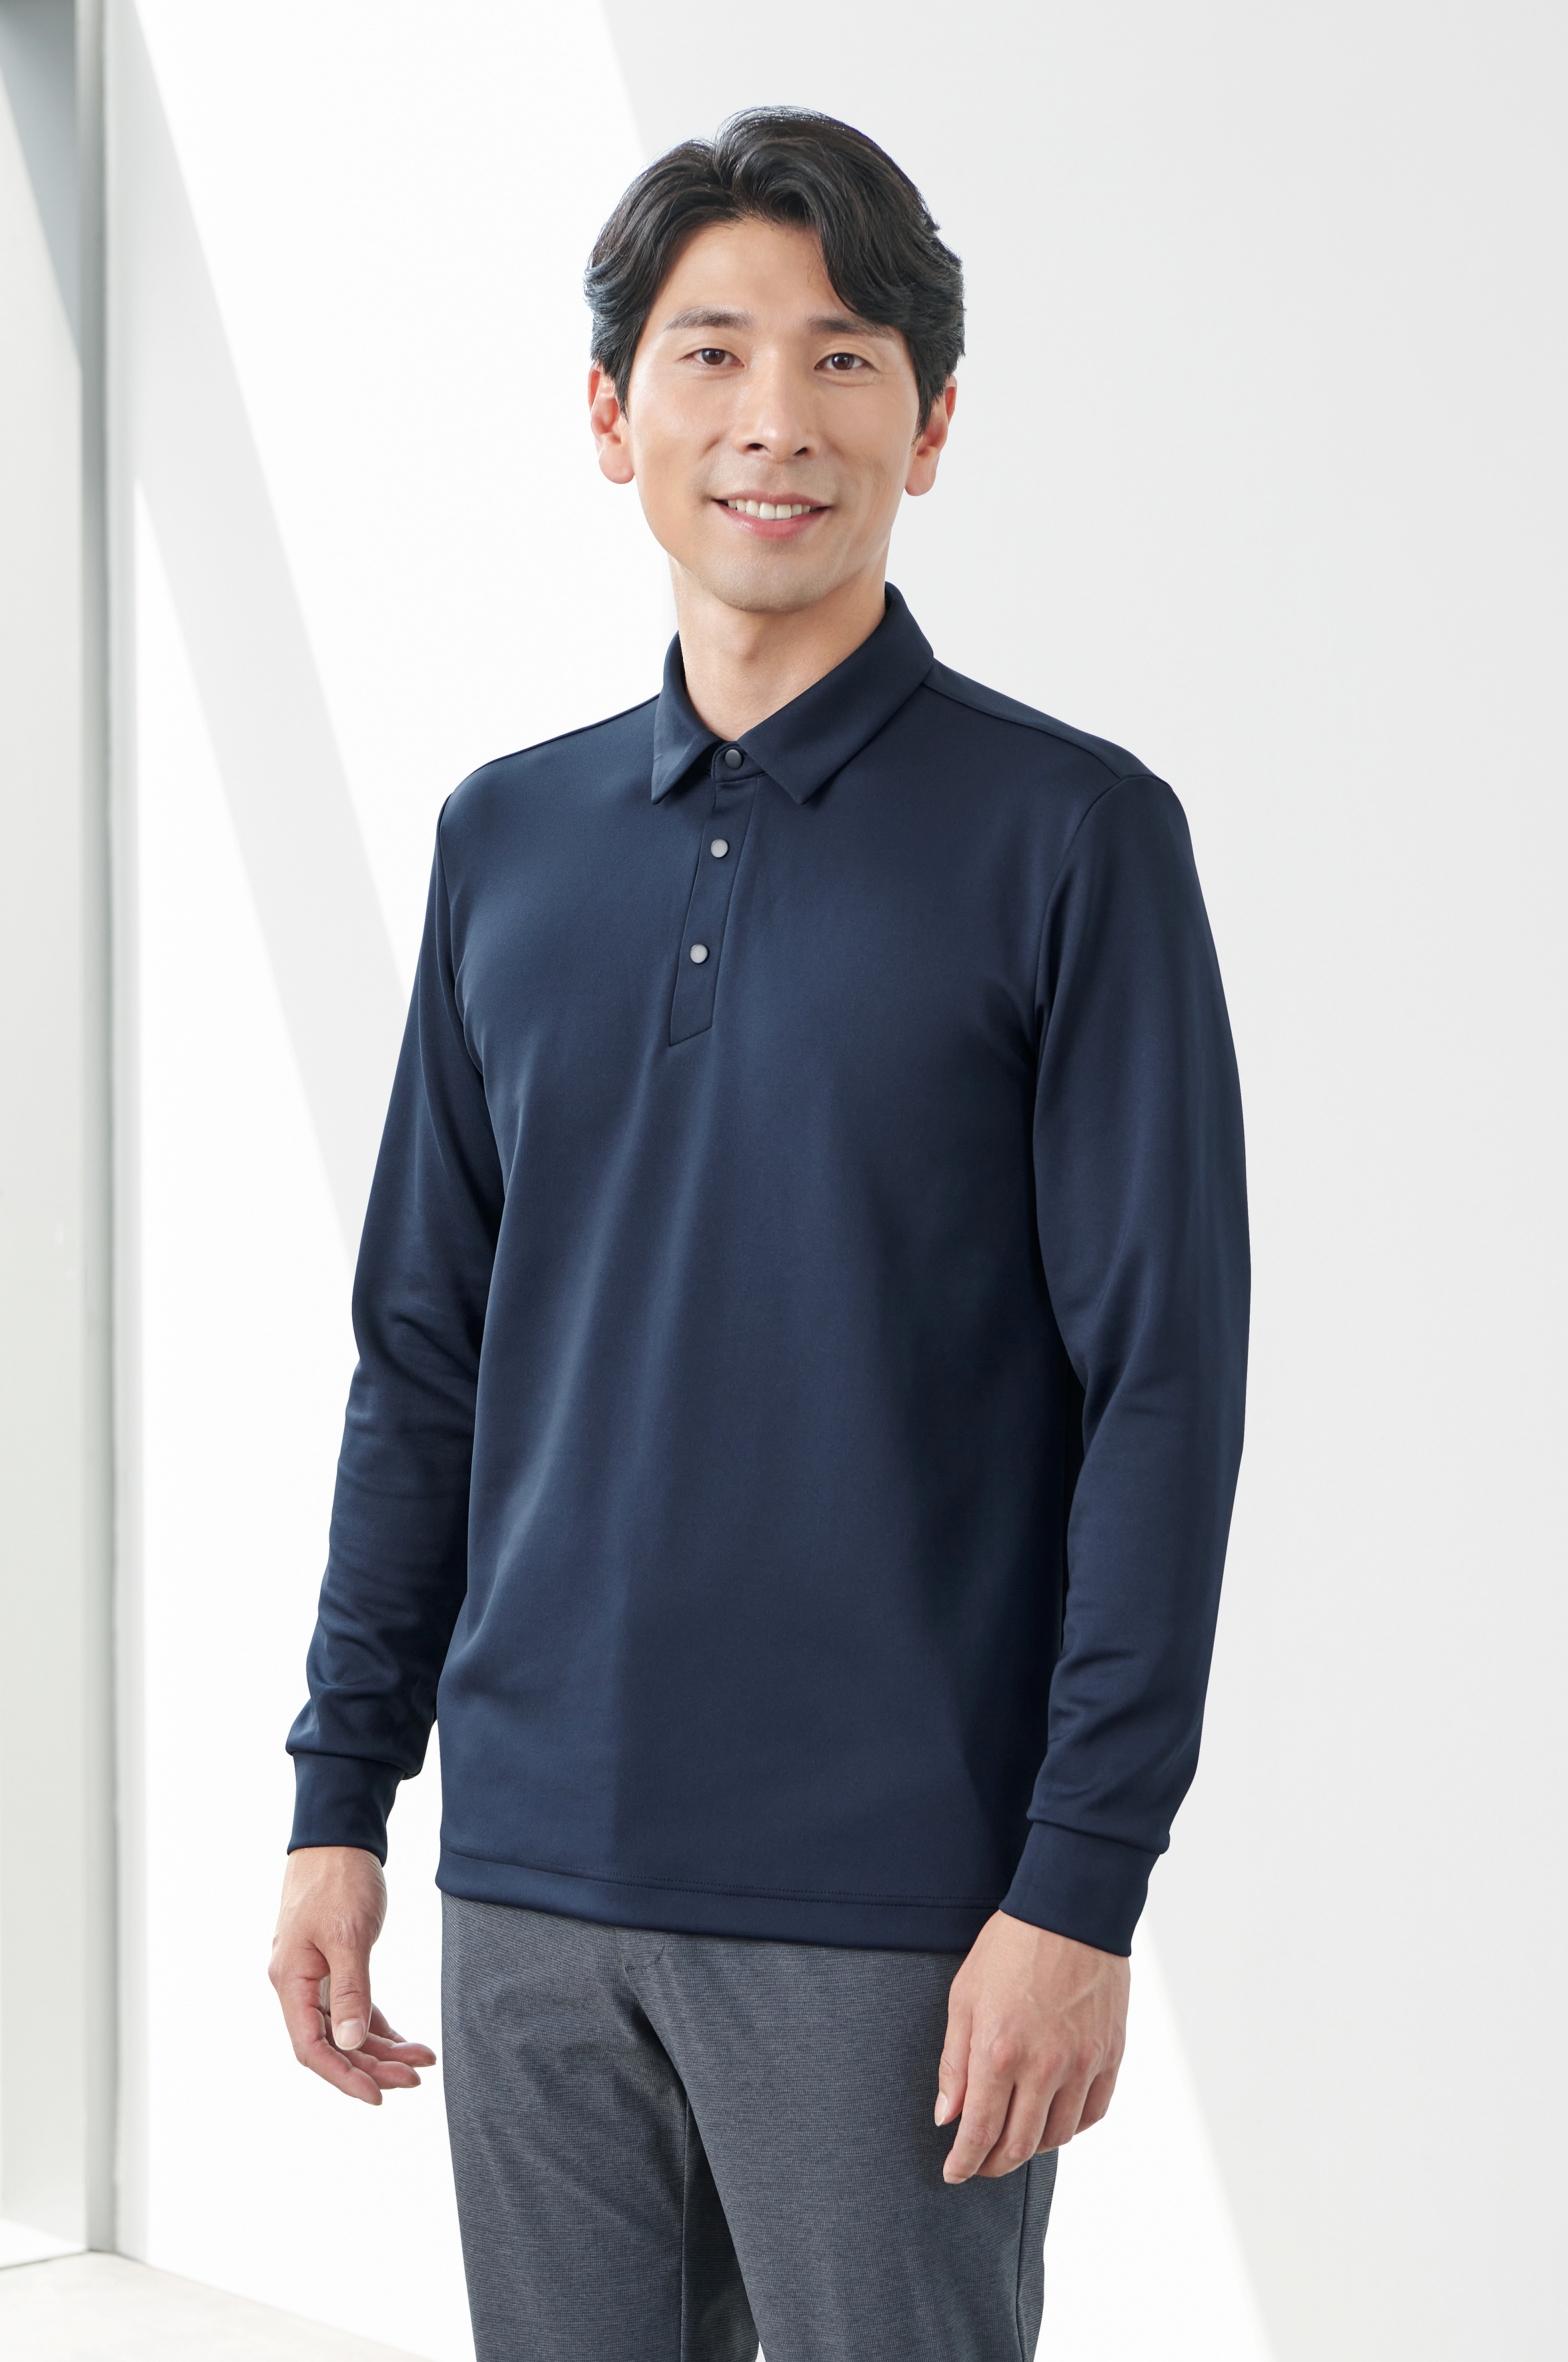 ZB-T2171(DRAK NAVY)지벤 간절기 긴팔 티셔츠